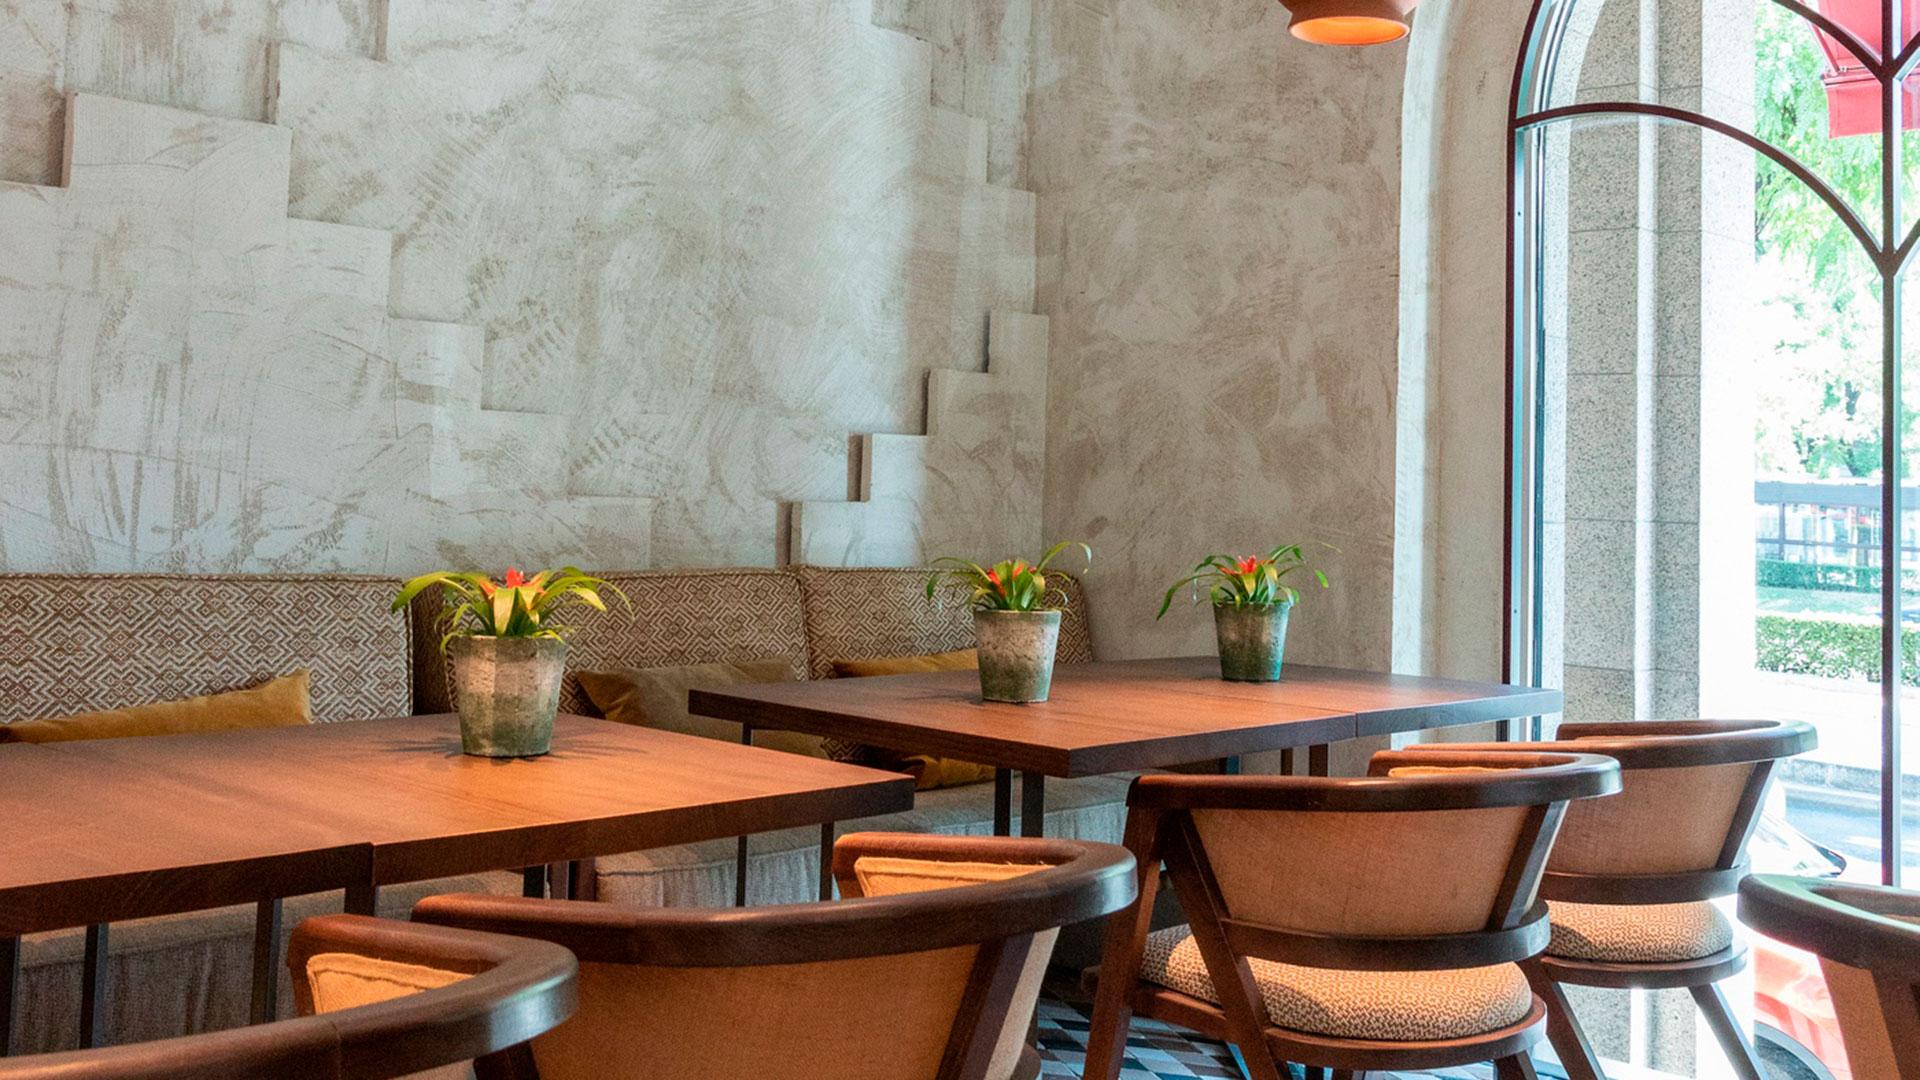 Imágenes del nuevo restaurante Umo del grupo Larumba